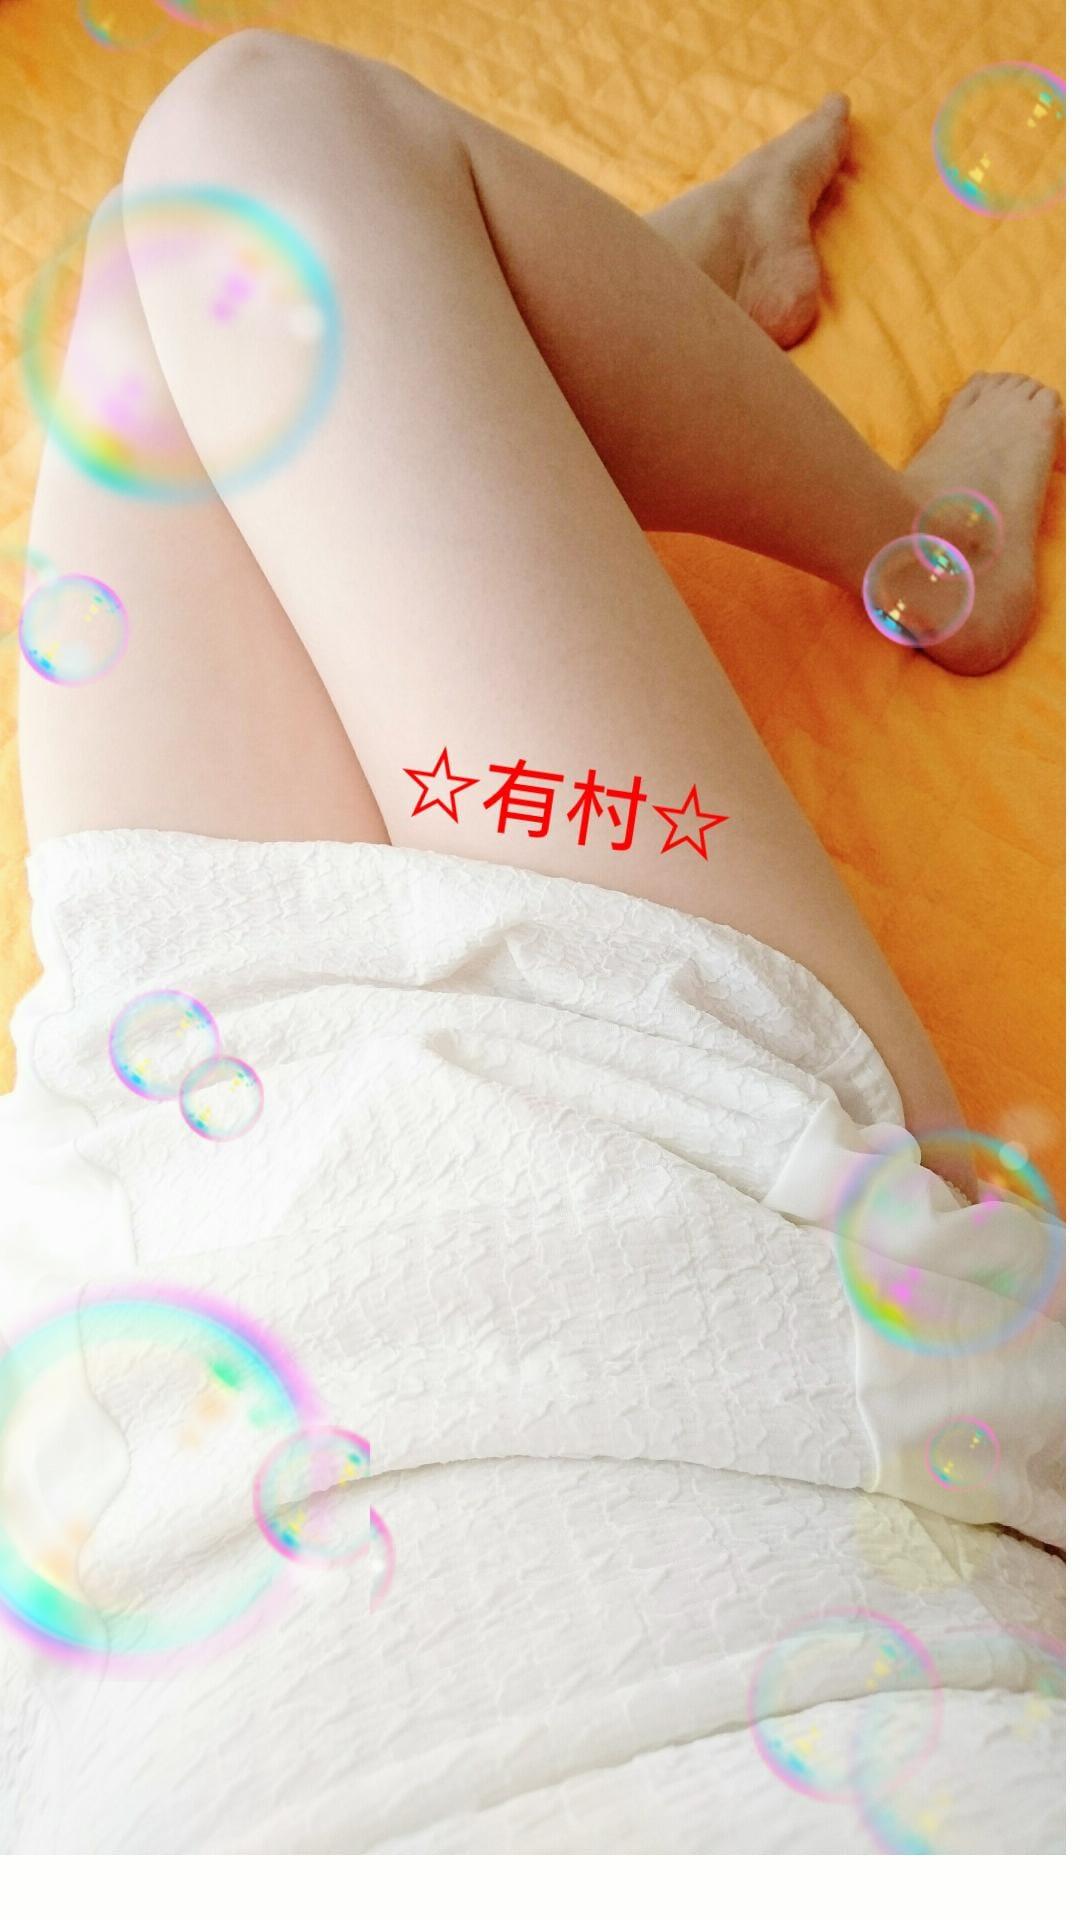 「お休みでした☆(*´∪`*)」01/28(01/28) 22:11 | 有村の写メ・風俗動画